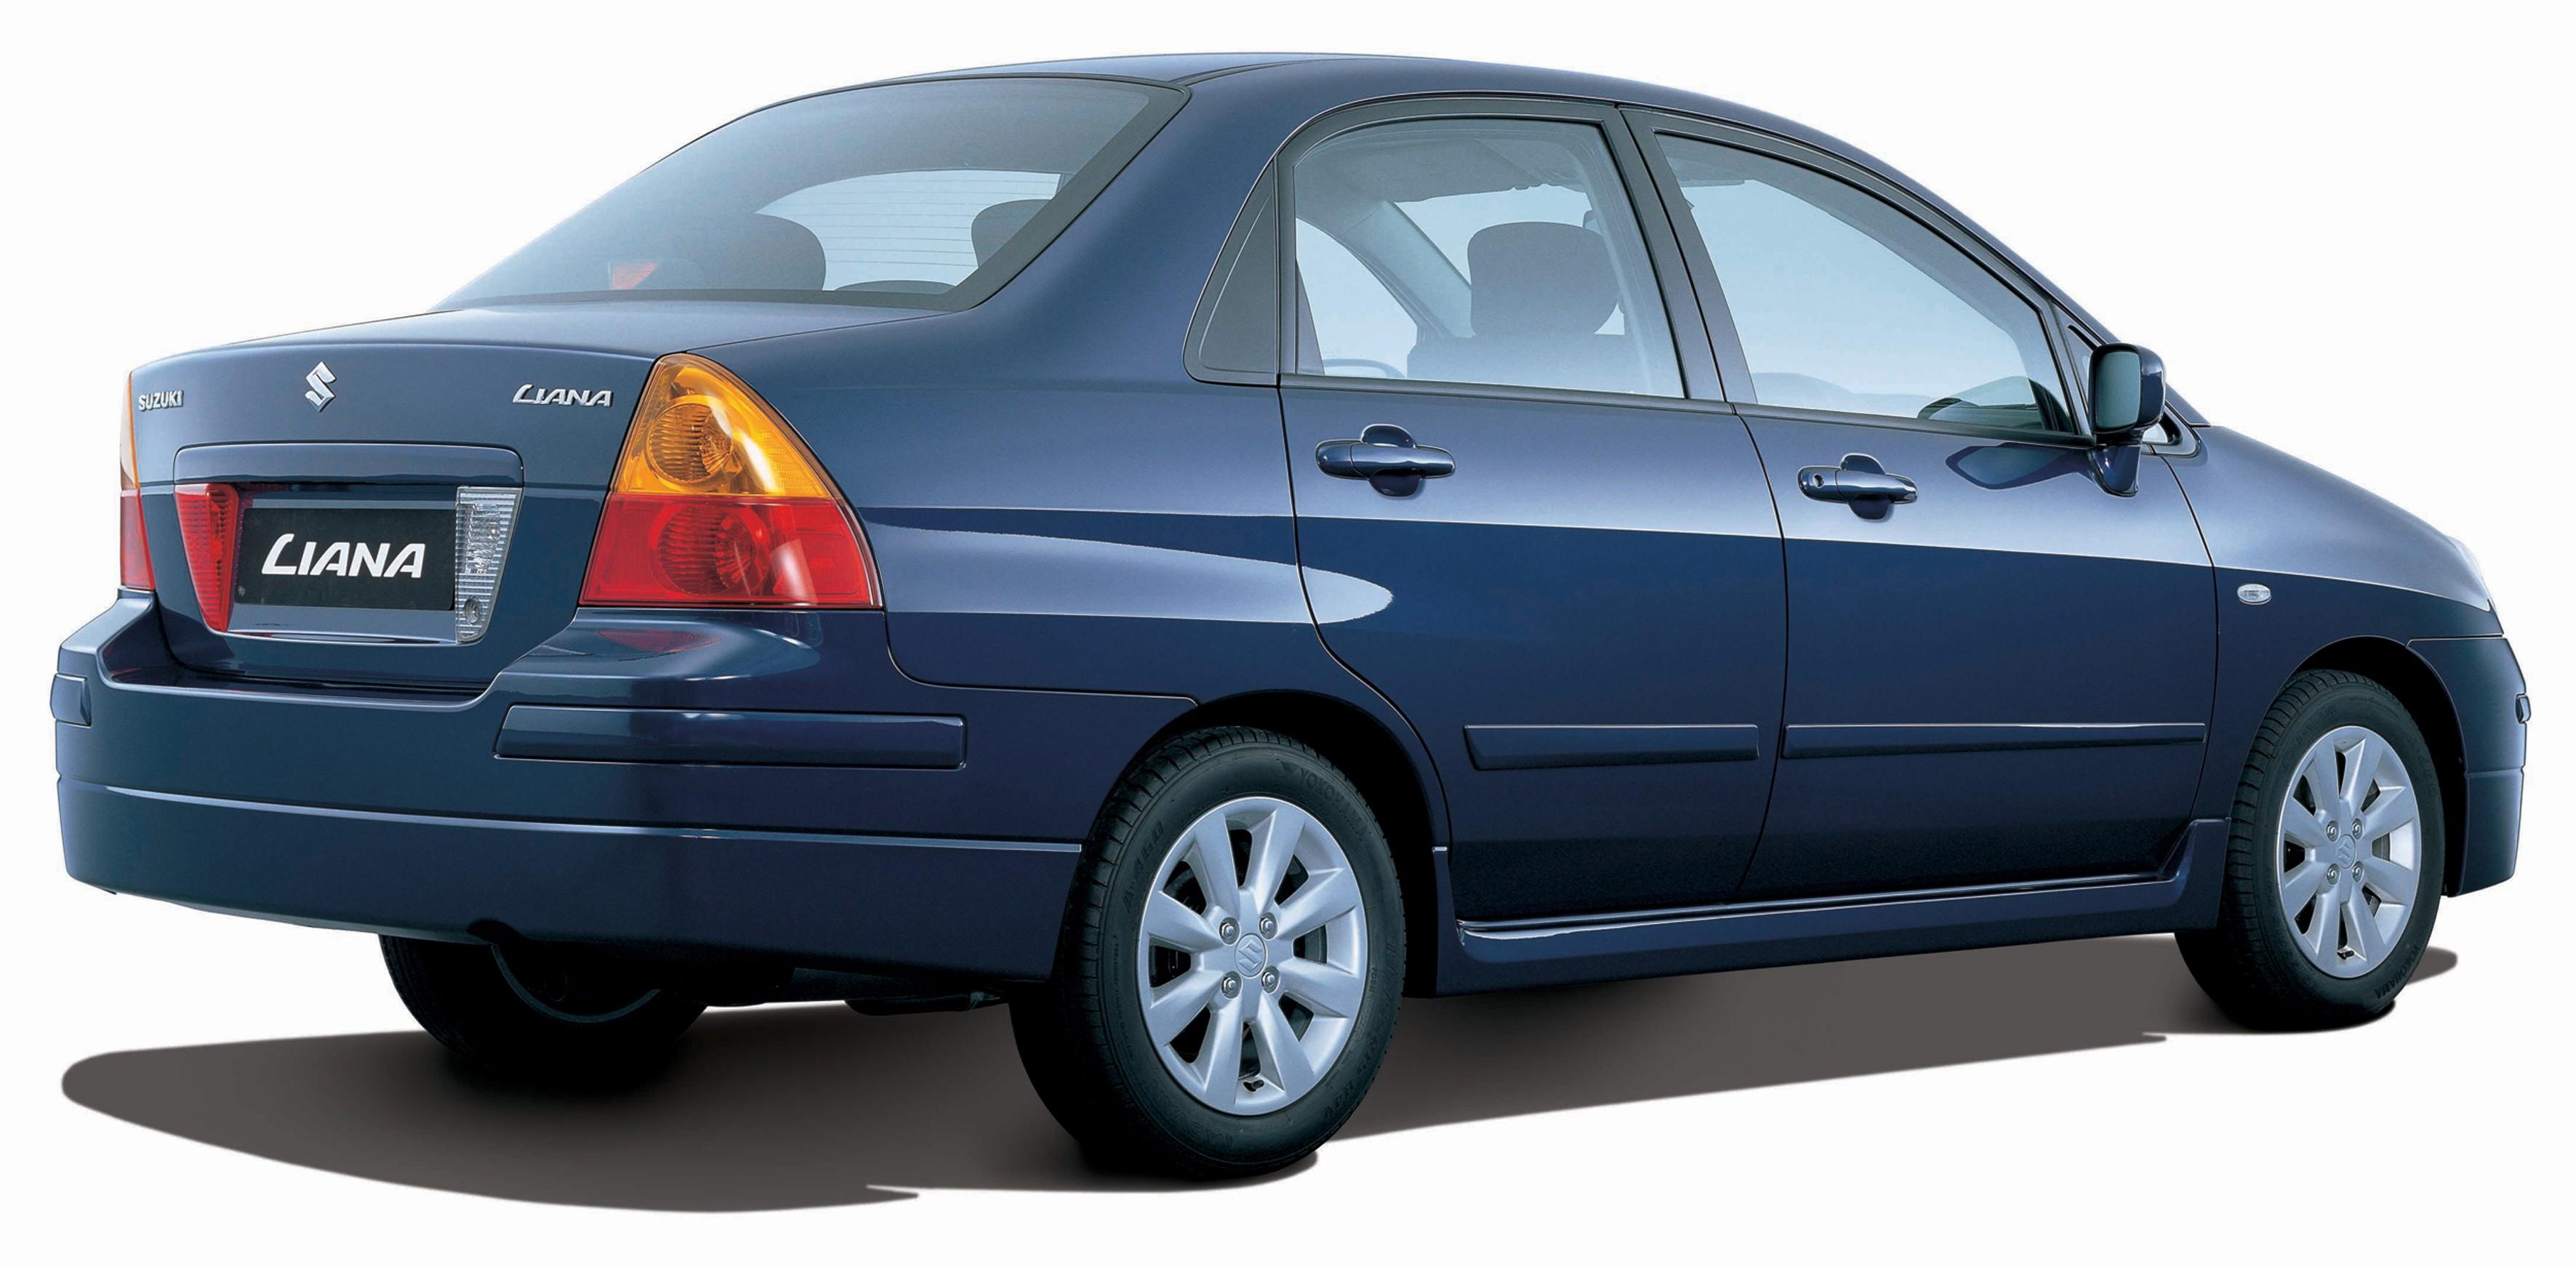 Suzuki Aerio    Liana Sedan